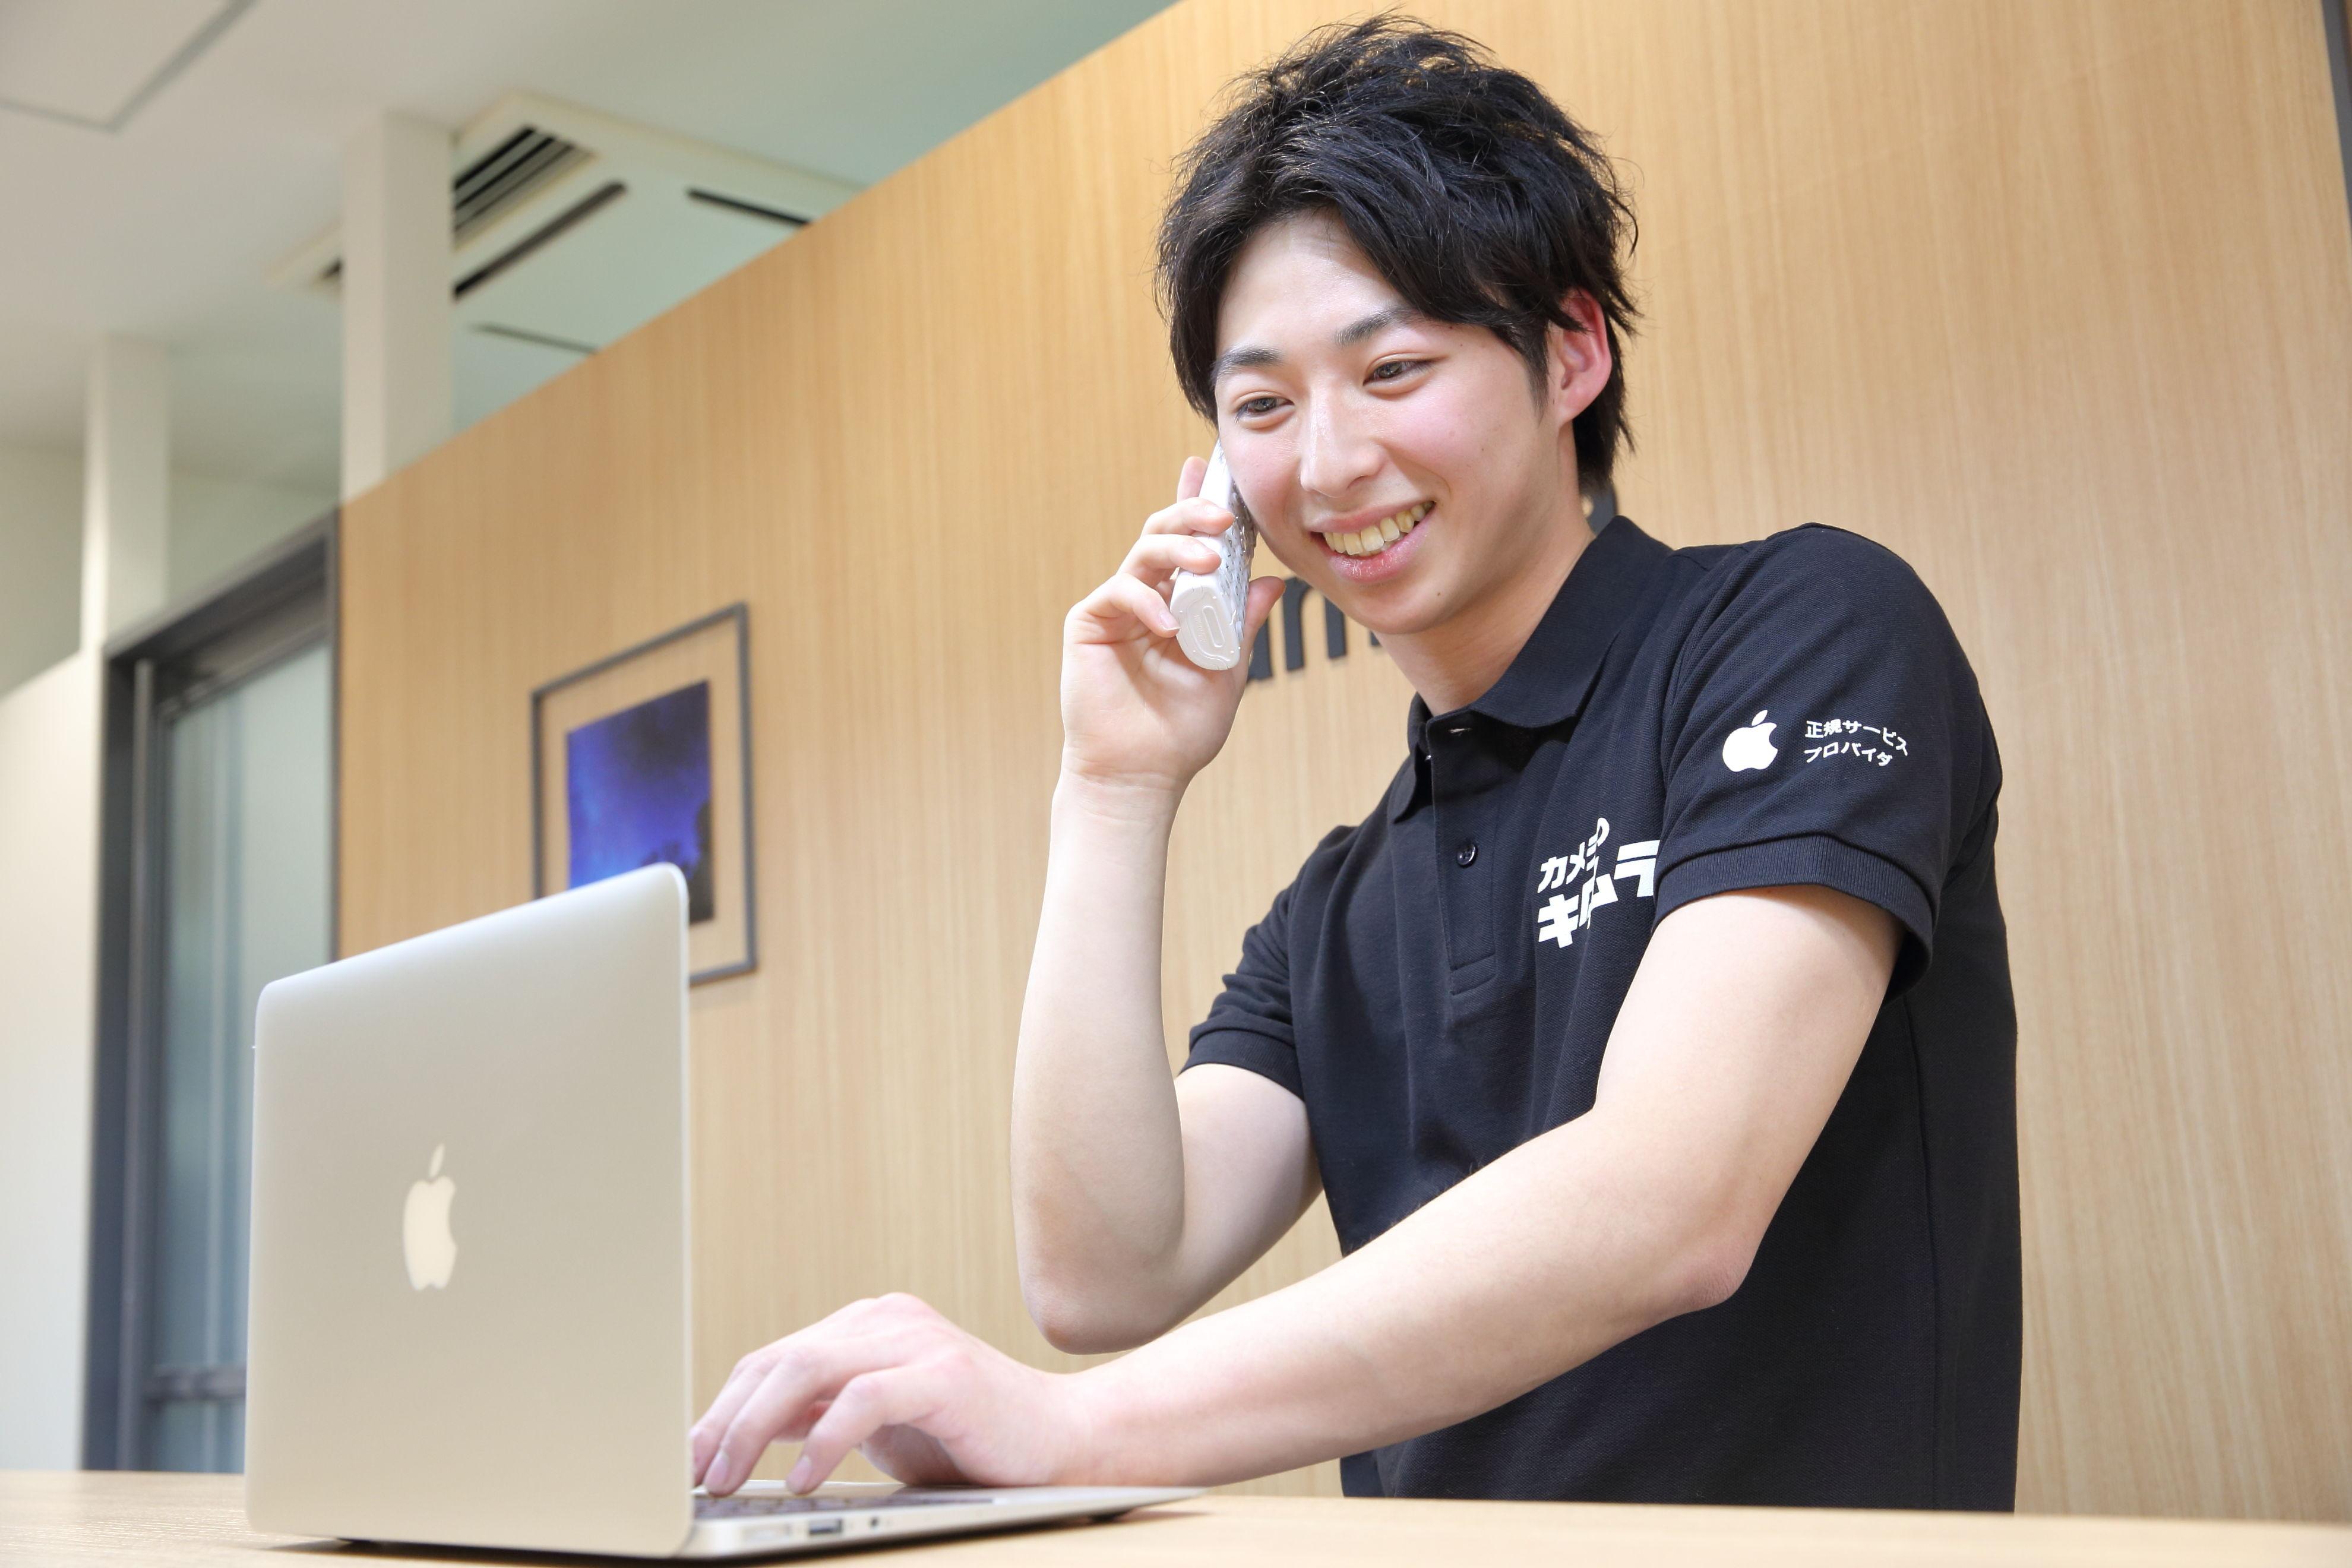 カメラのキタムラ アップル製品サービス 横浜/横浜モアーズ店 のアルバイト情報